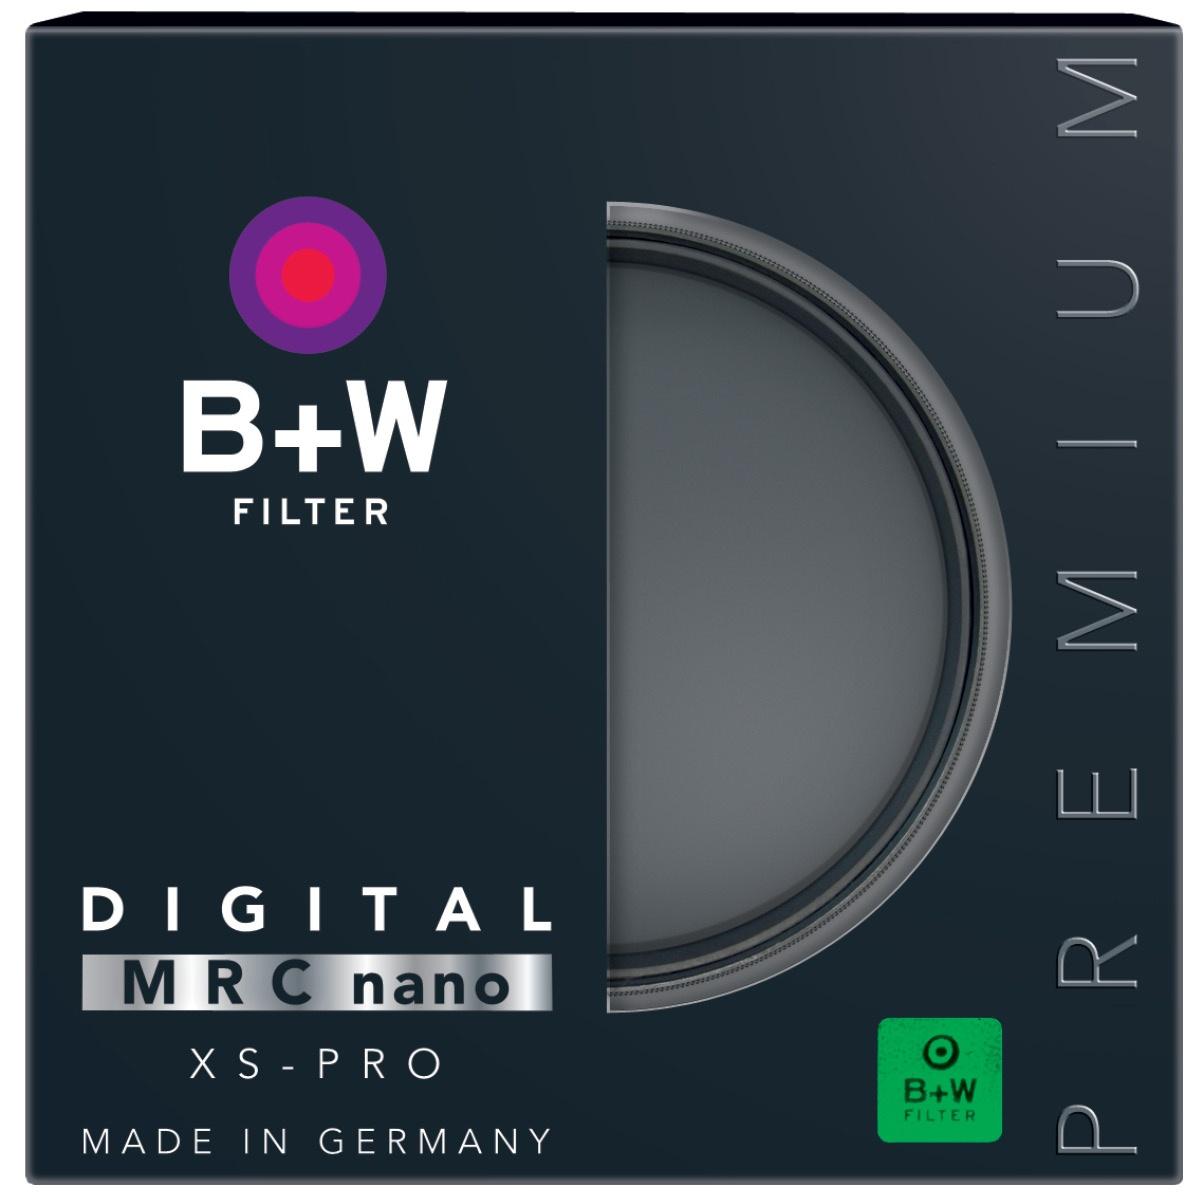 B+W Clear Filter 67 mm XS-Pro